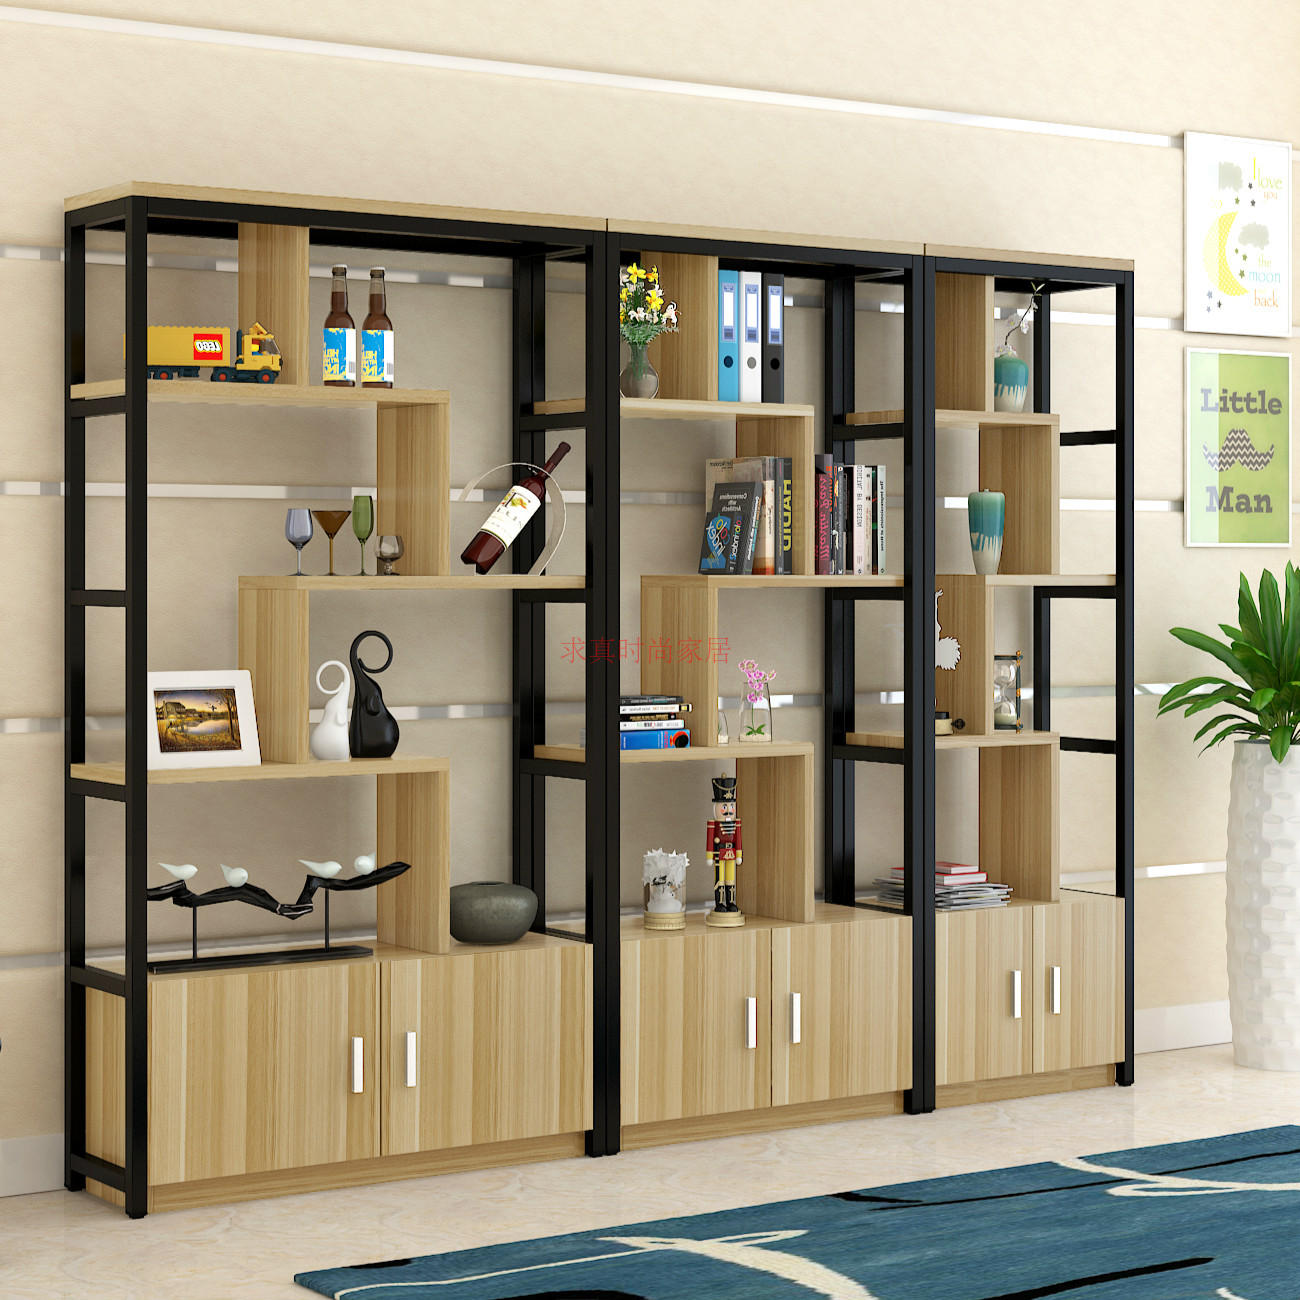 Офисная мебель / Мебель для ресторанов / Мебель для салонов Артикул 545690649185